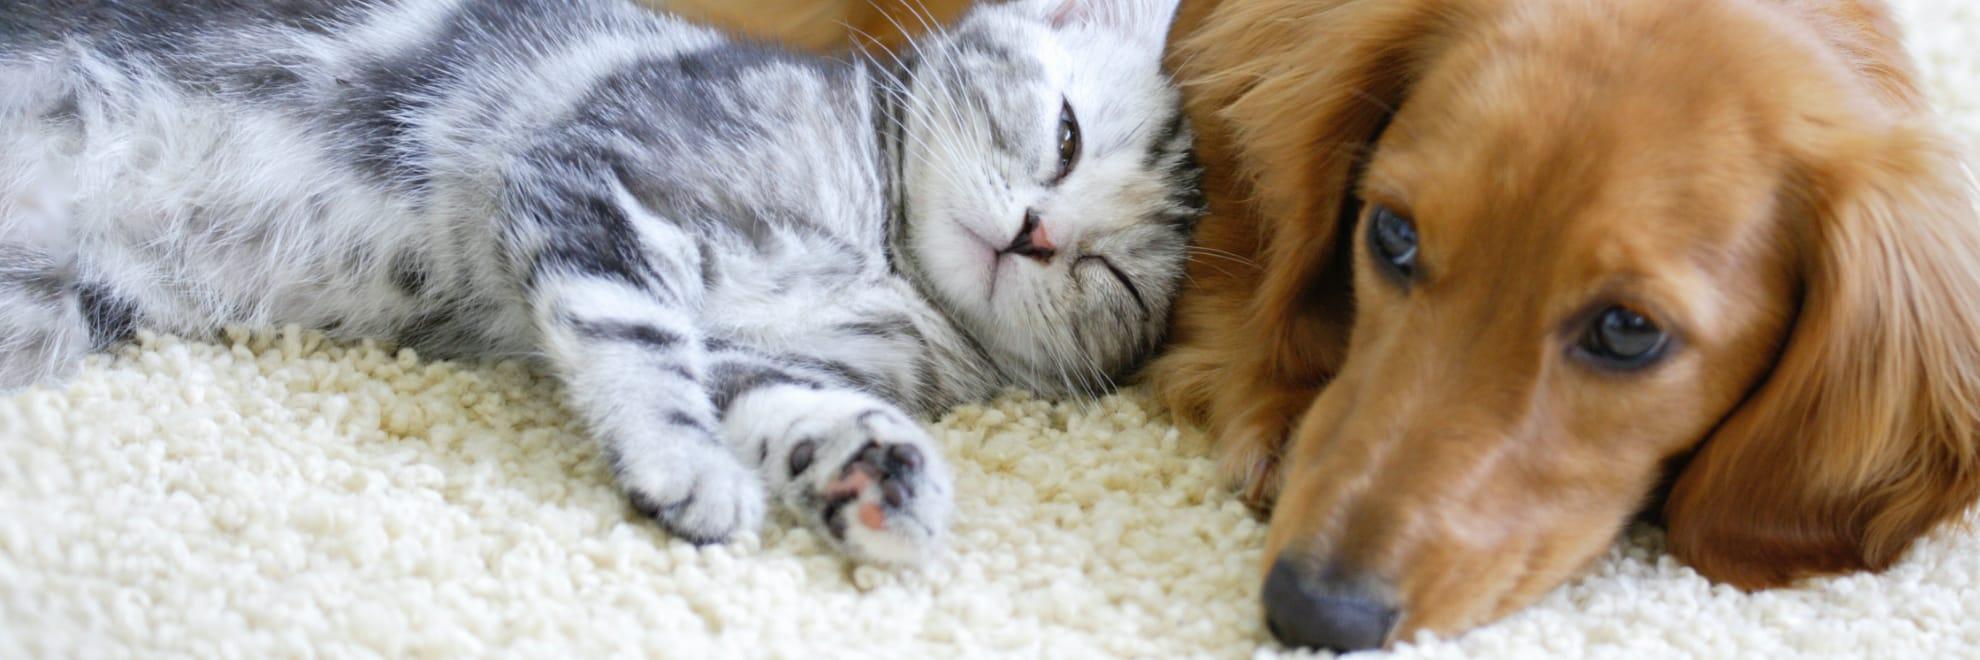 動物・ペットの画像